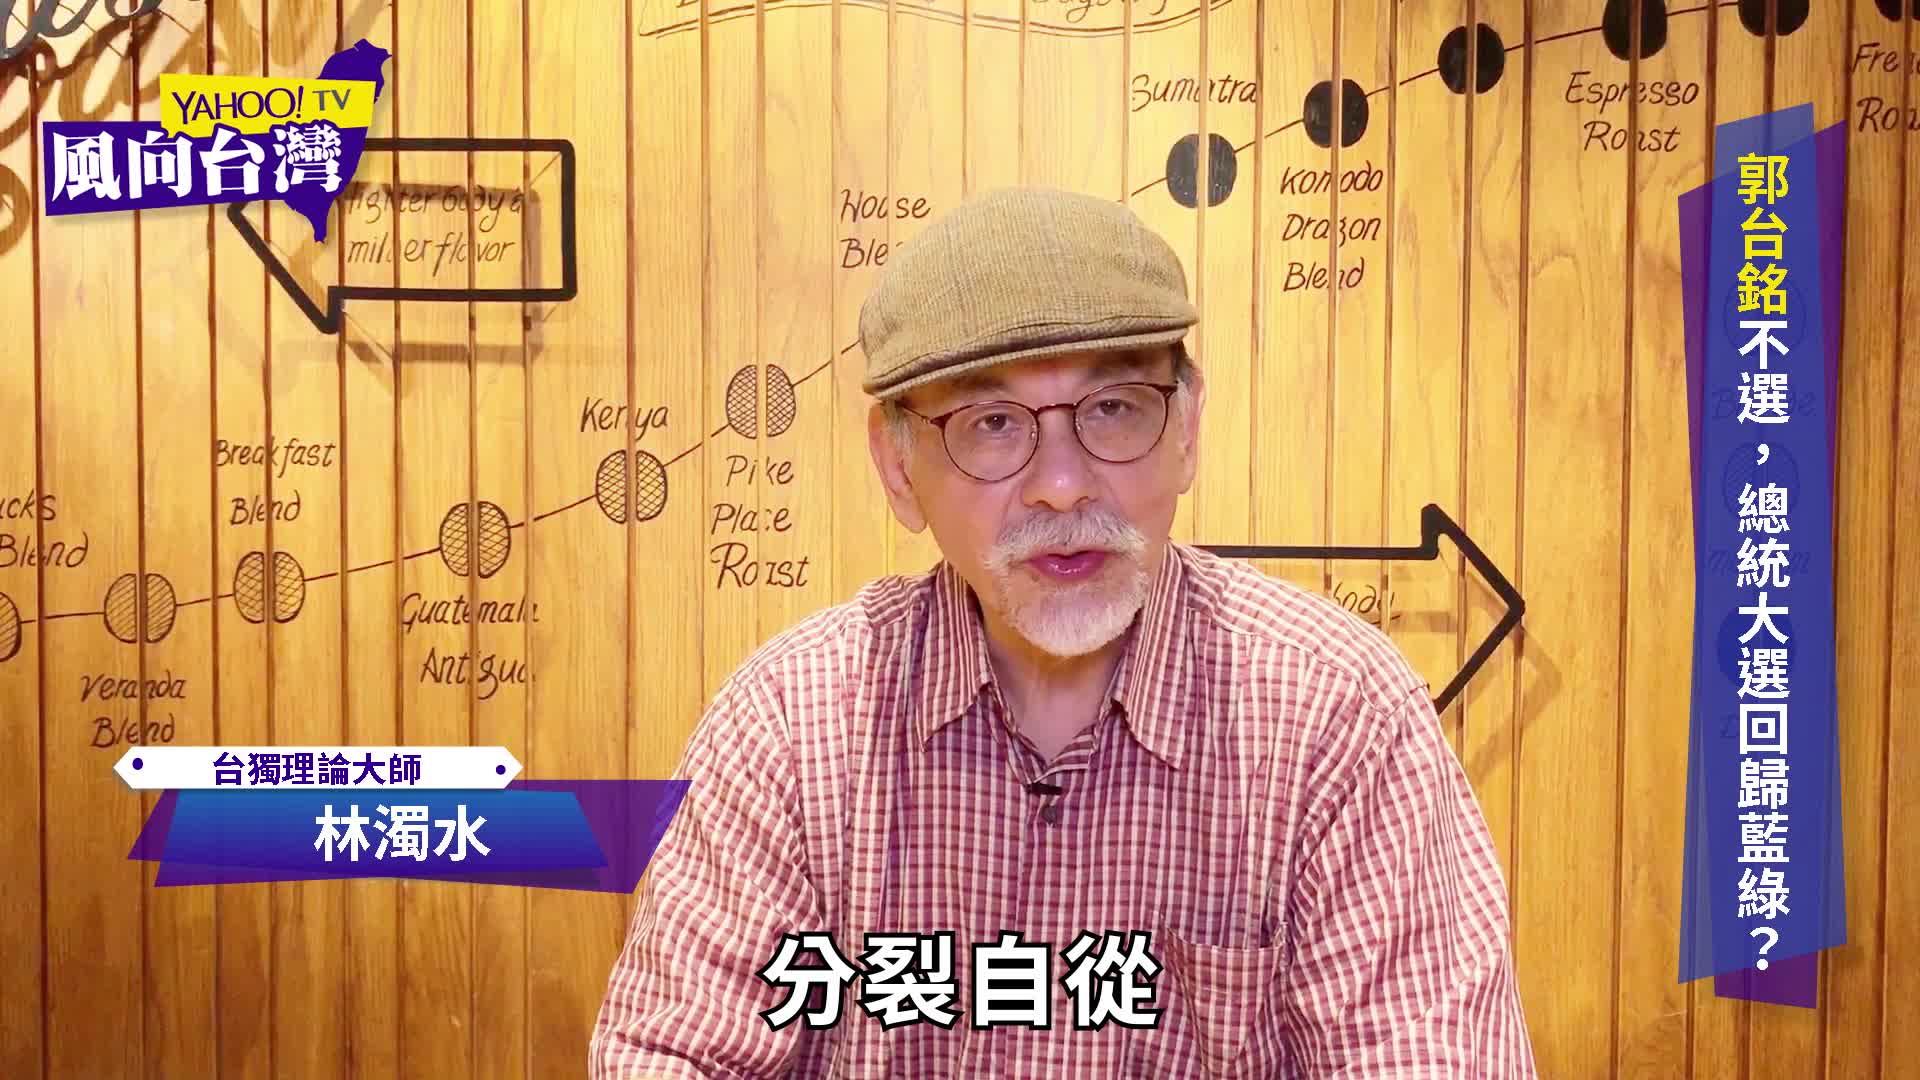 除了飆話動員民怨外 林濁水:韓國瑜沒有其他招了!